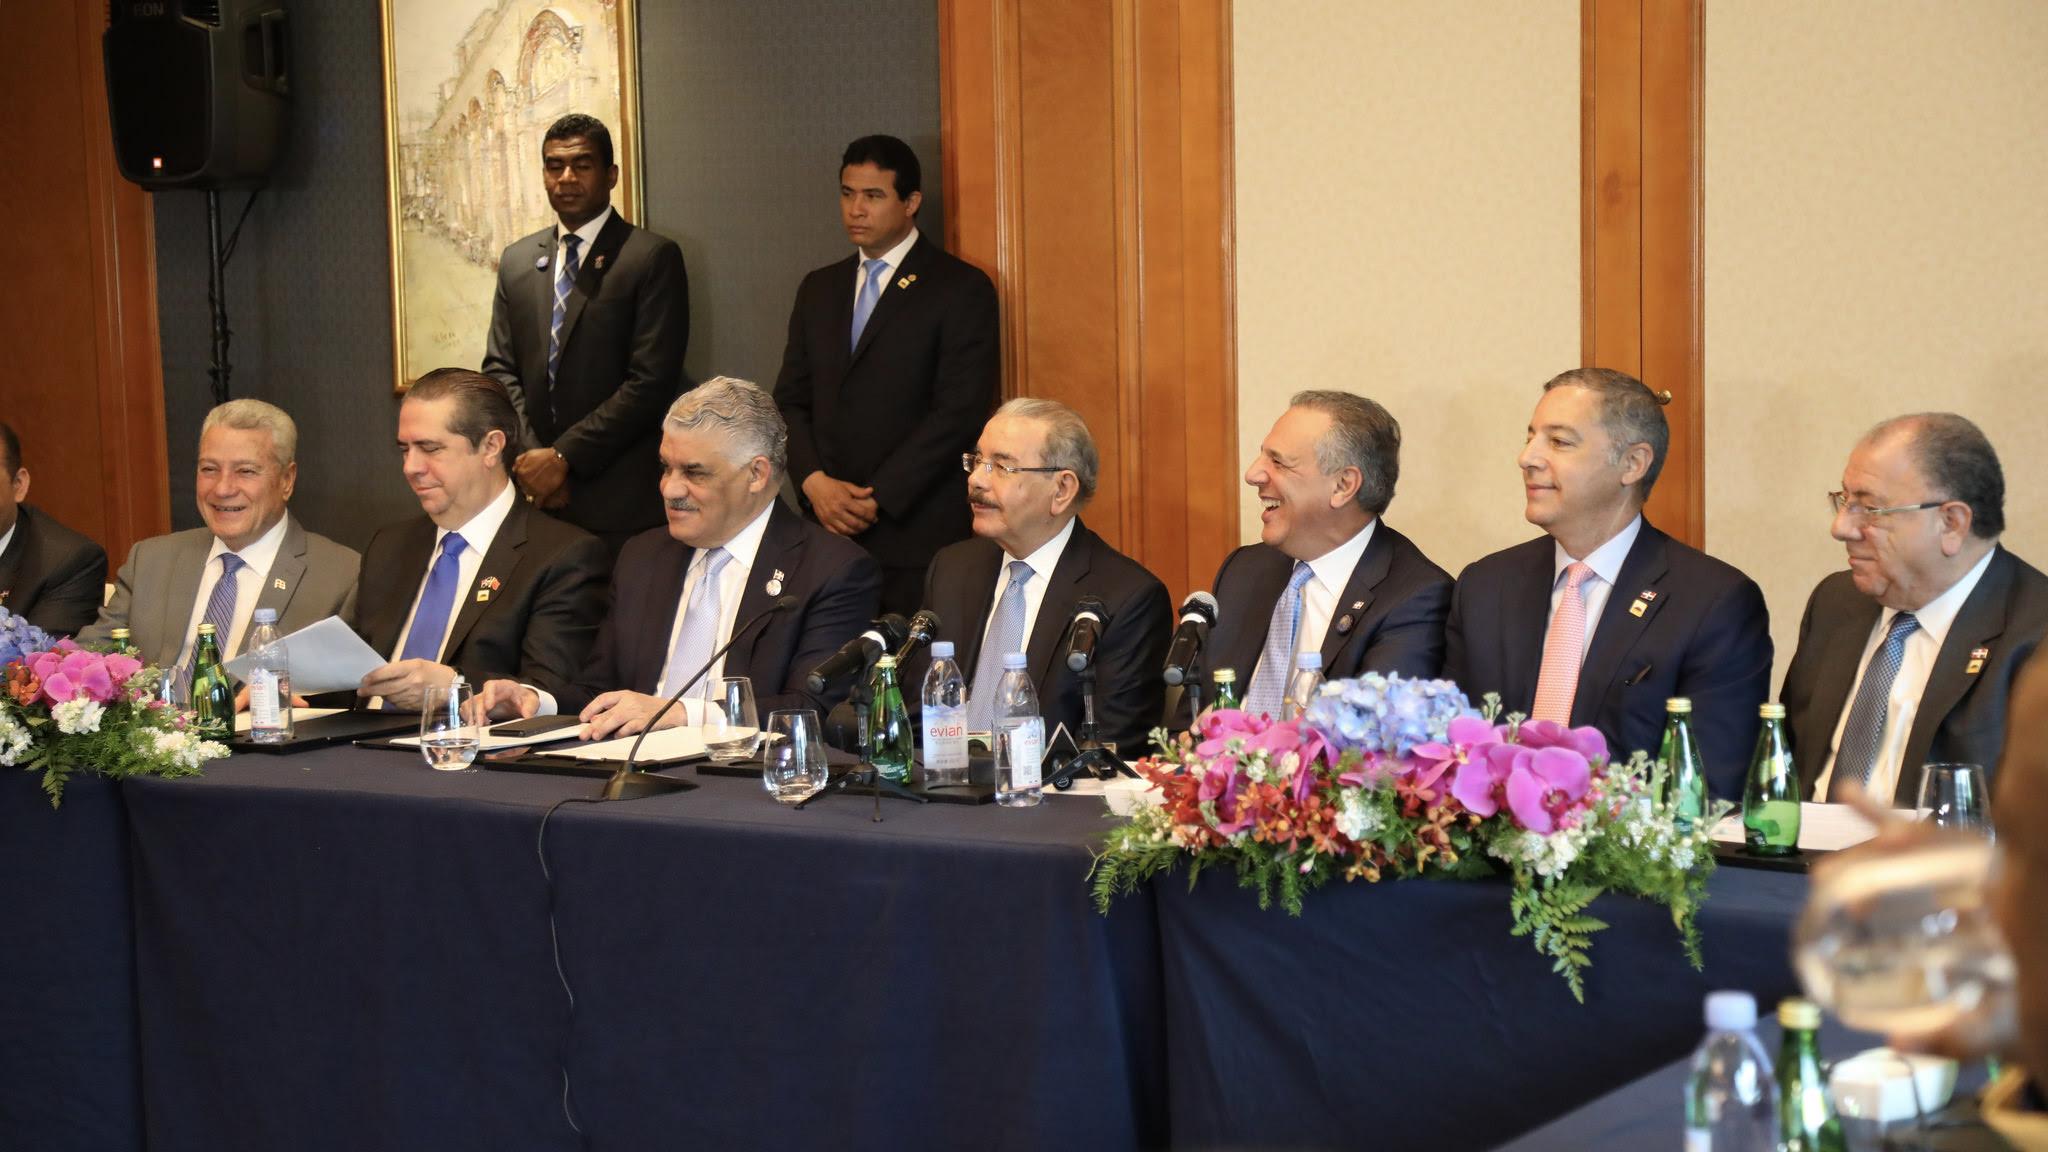 , Concluye primera visita de Estado por Danilo Medina a la República Popular China